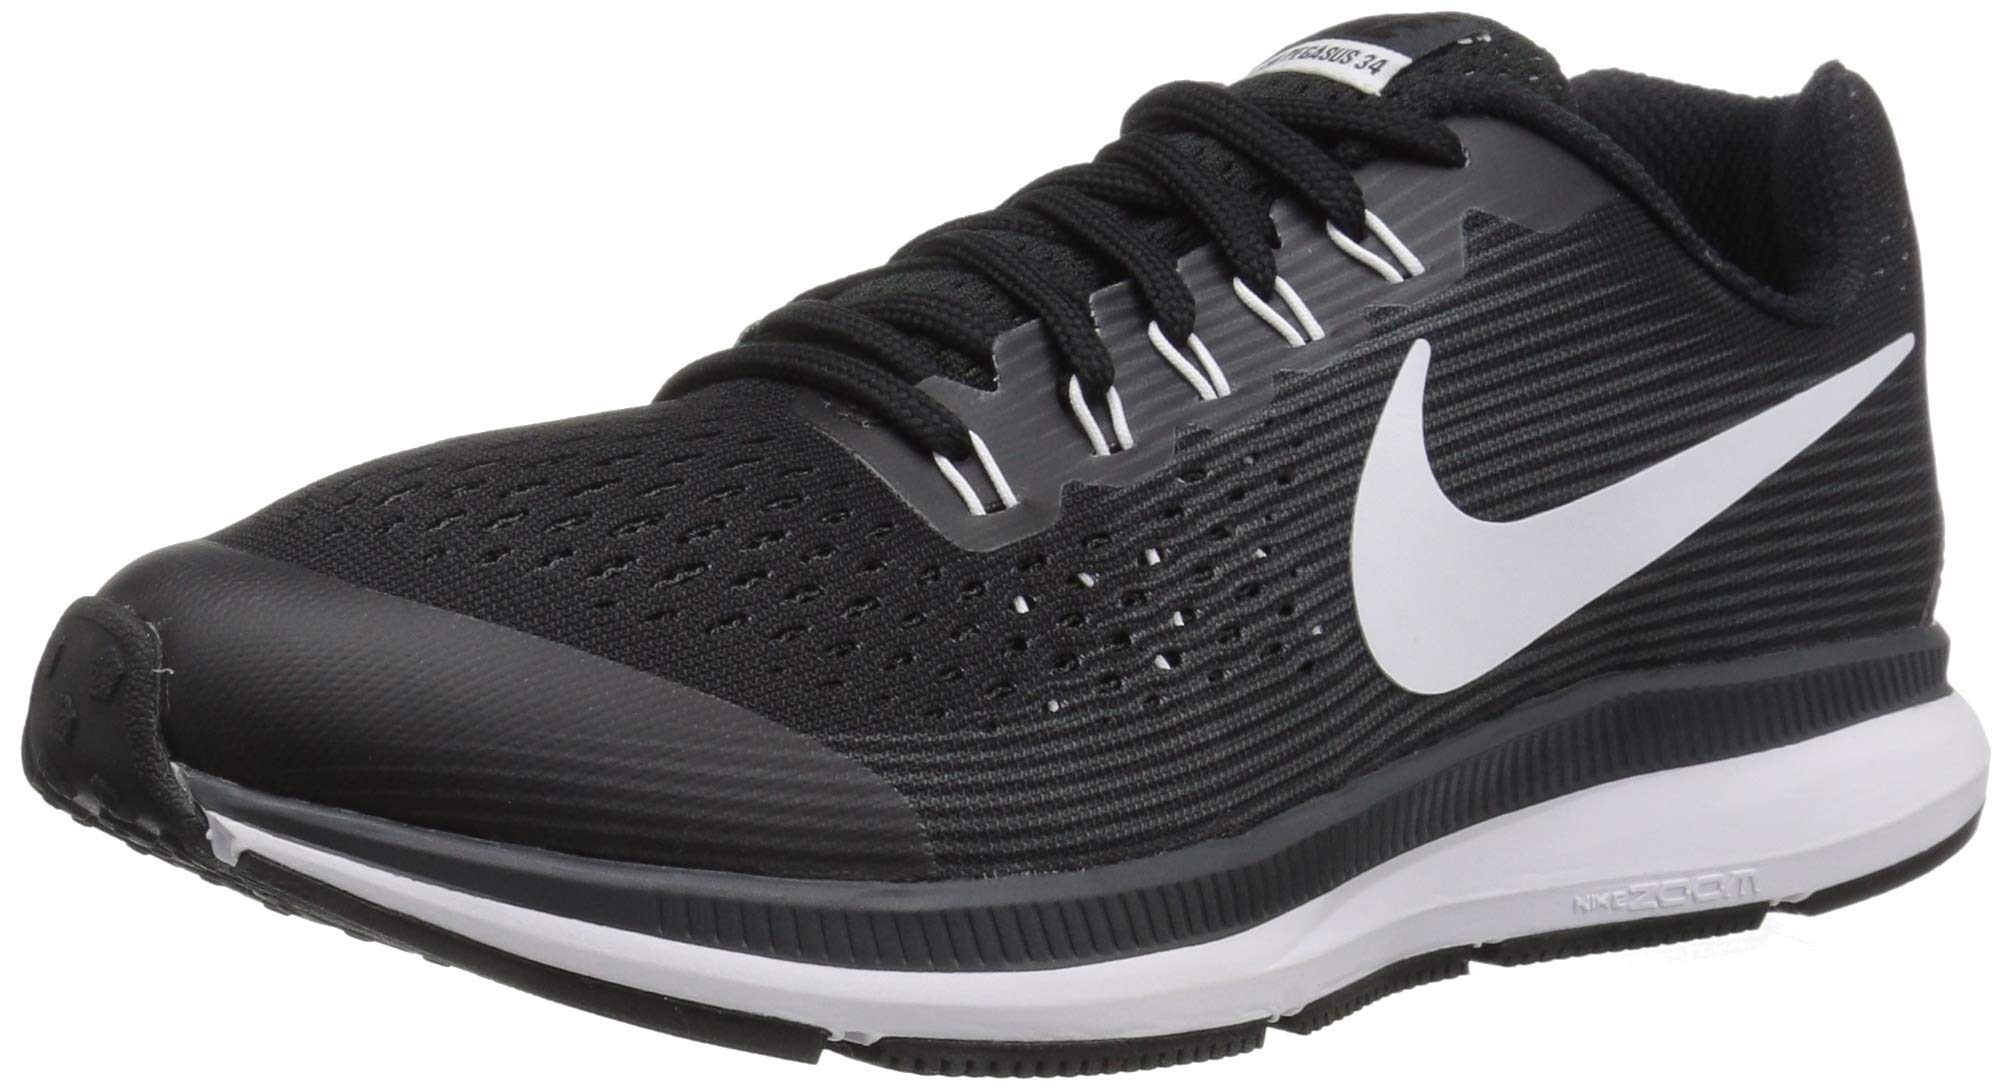 Nike Boy's Zoom Pegasus 34 (GS) Running Shoe Black/White/Dark Grey/Anthracite Size 3 M US